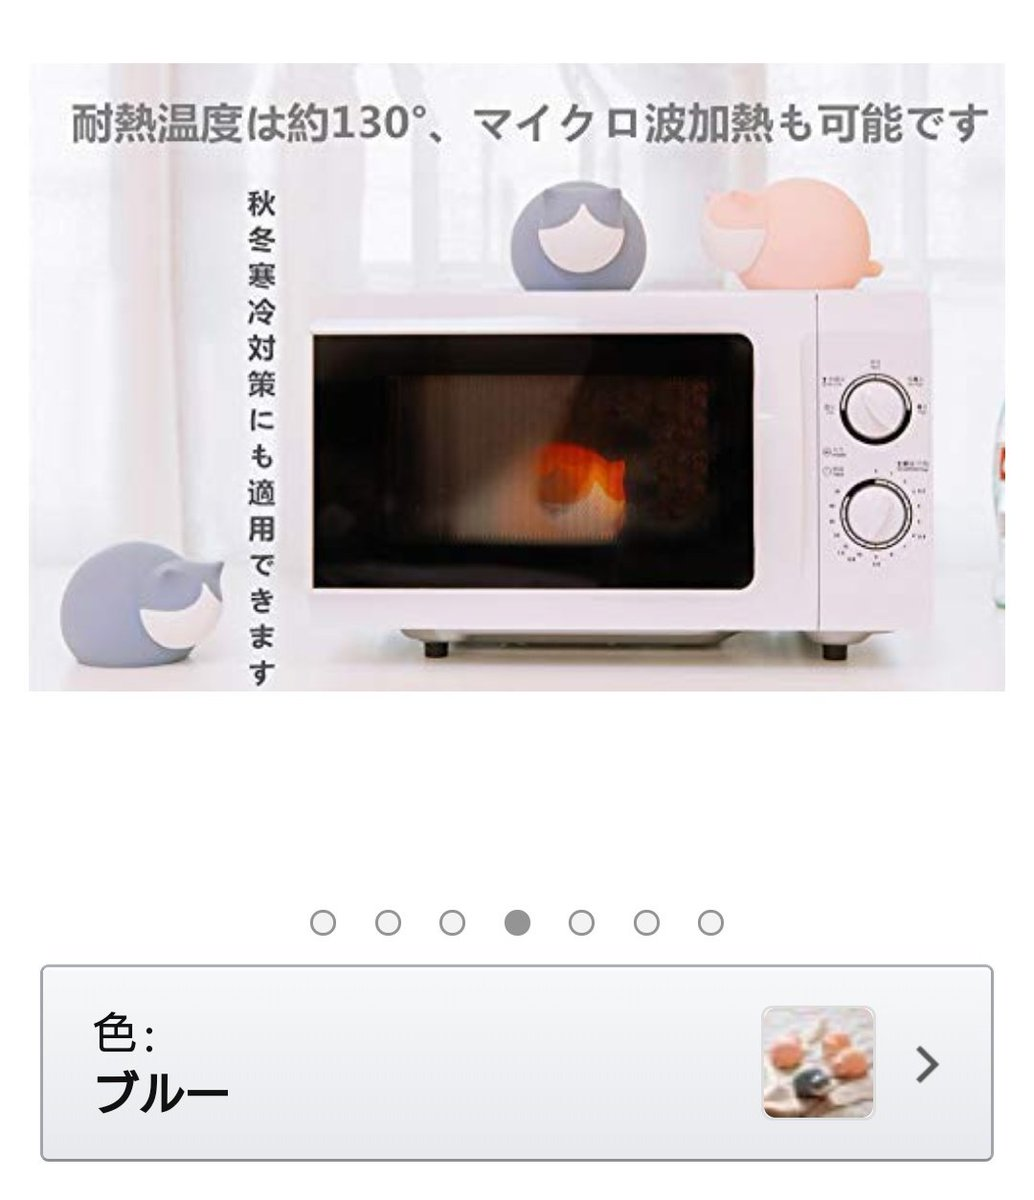 相川さんの投稿画像